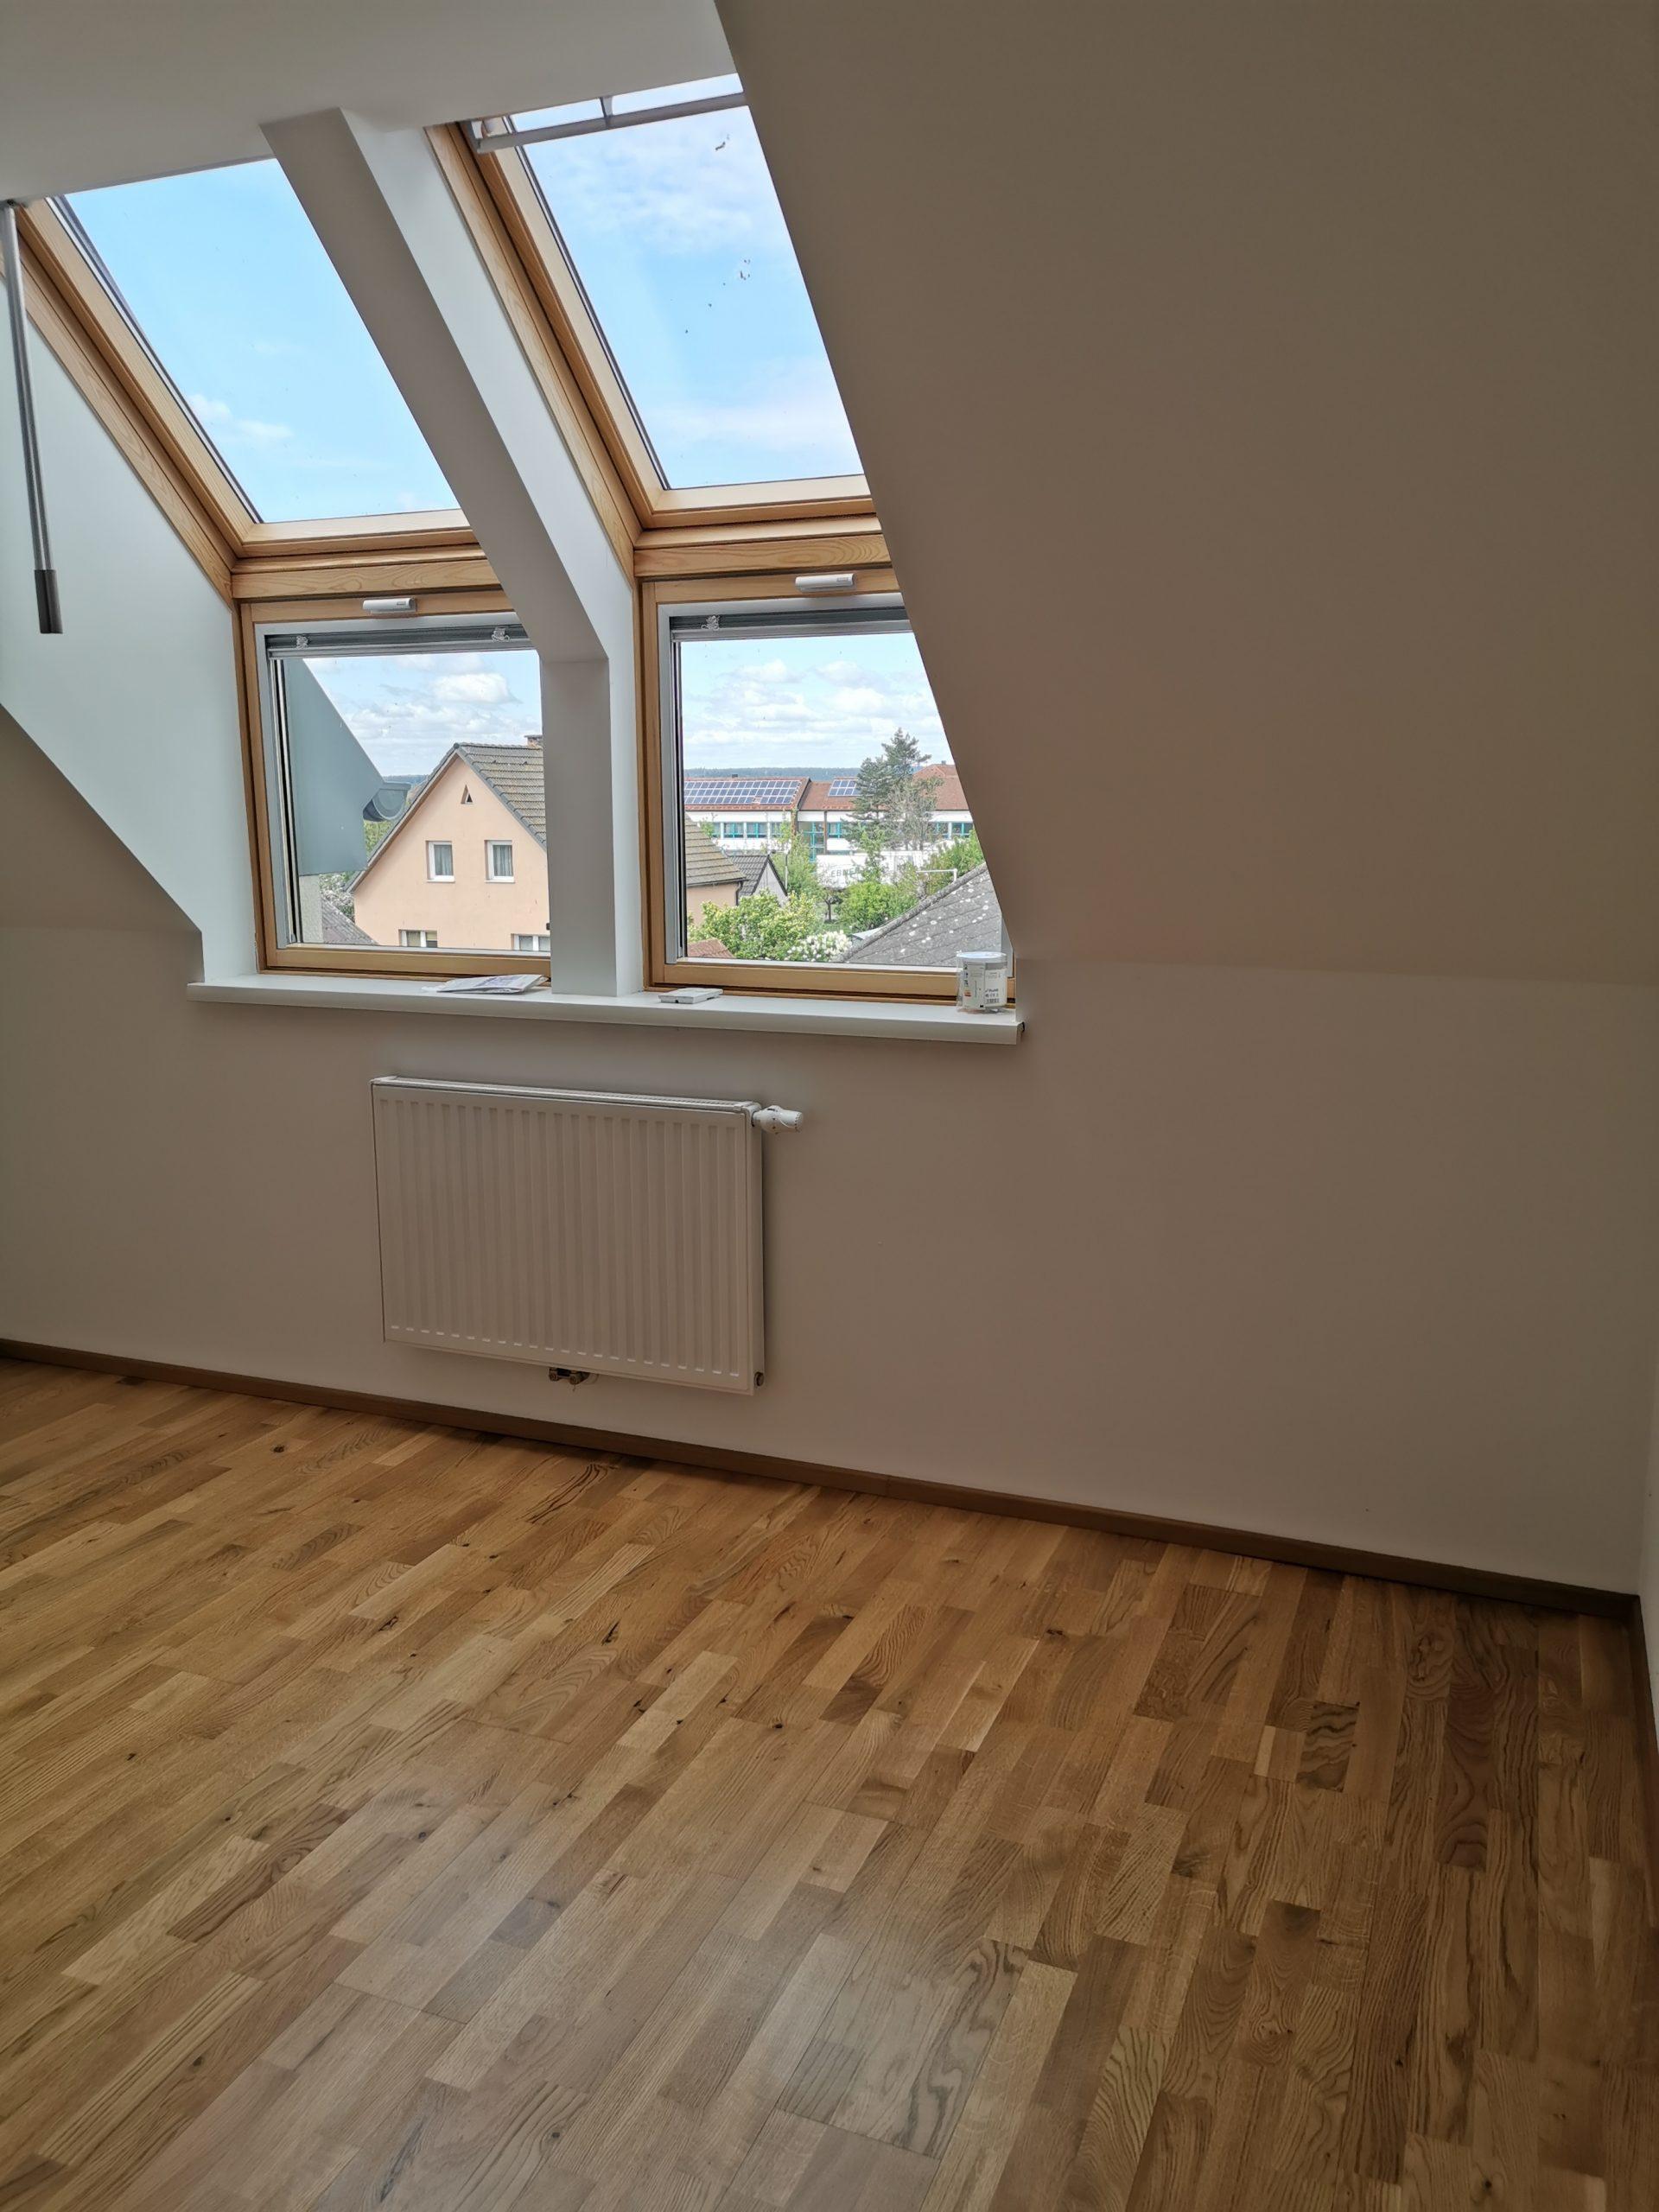 Immobilie von Kamptal in 3754 Irnfritz, Horn, Irnfritz II/3 - Top 308 #1